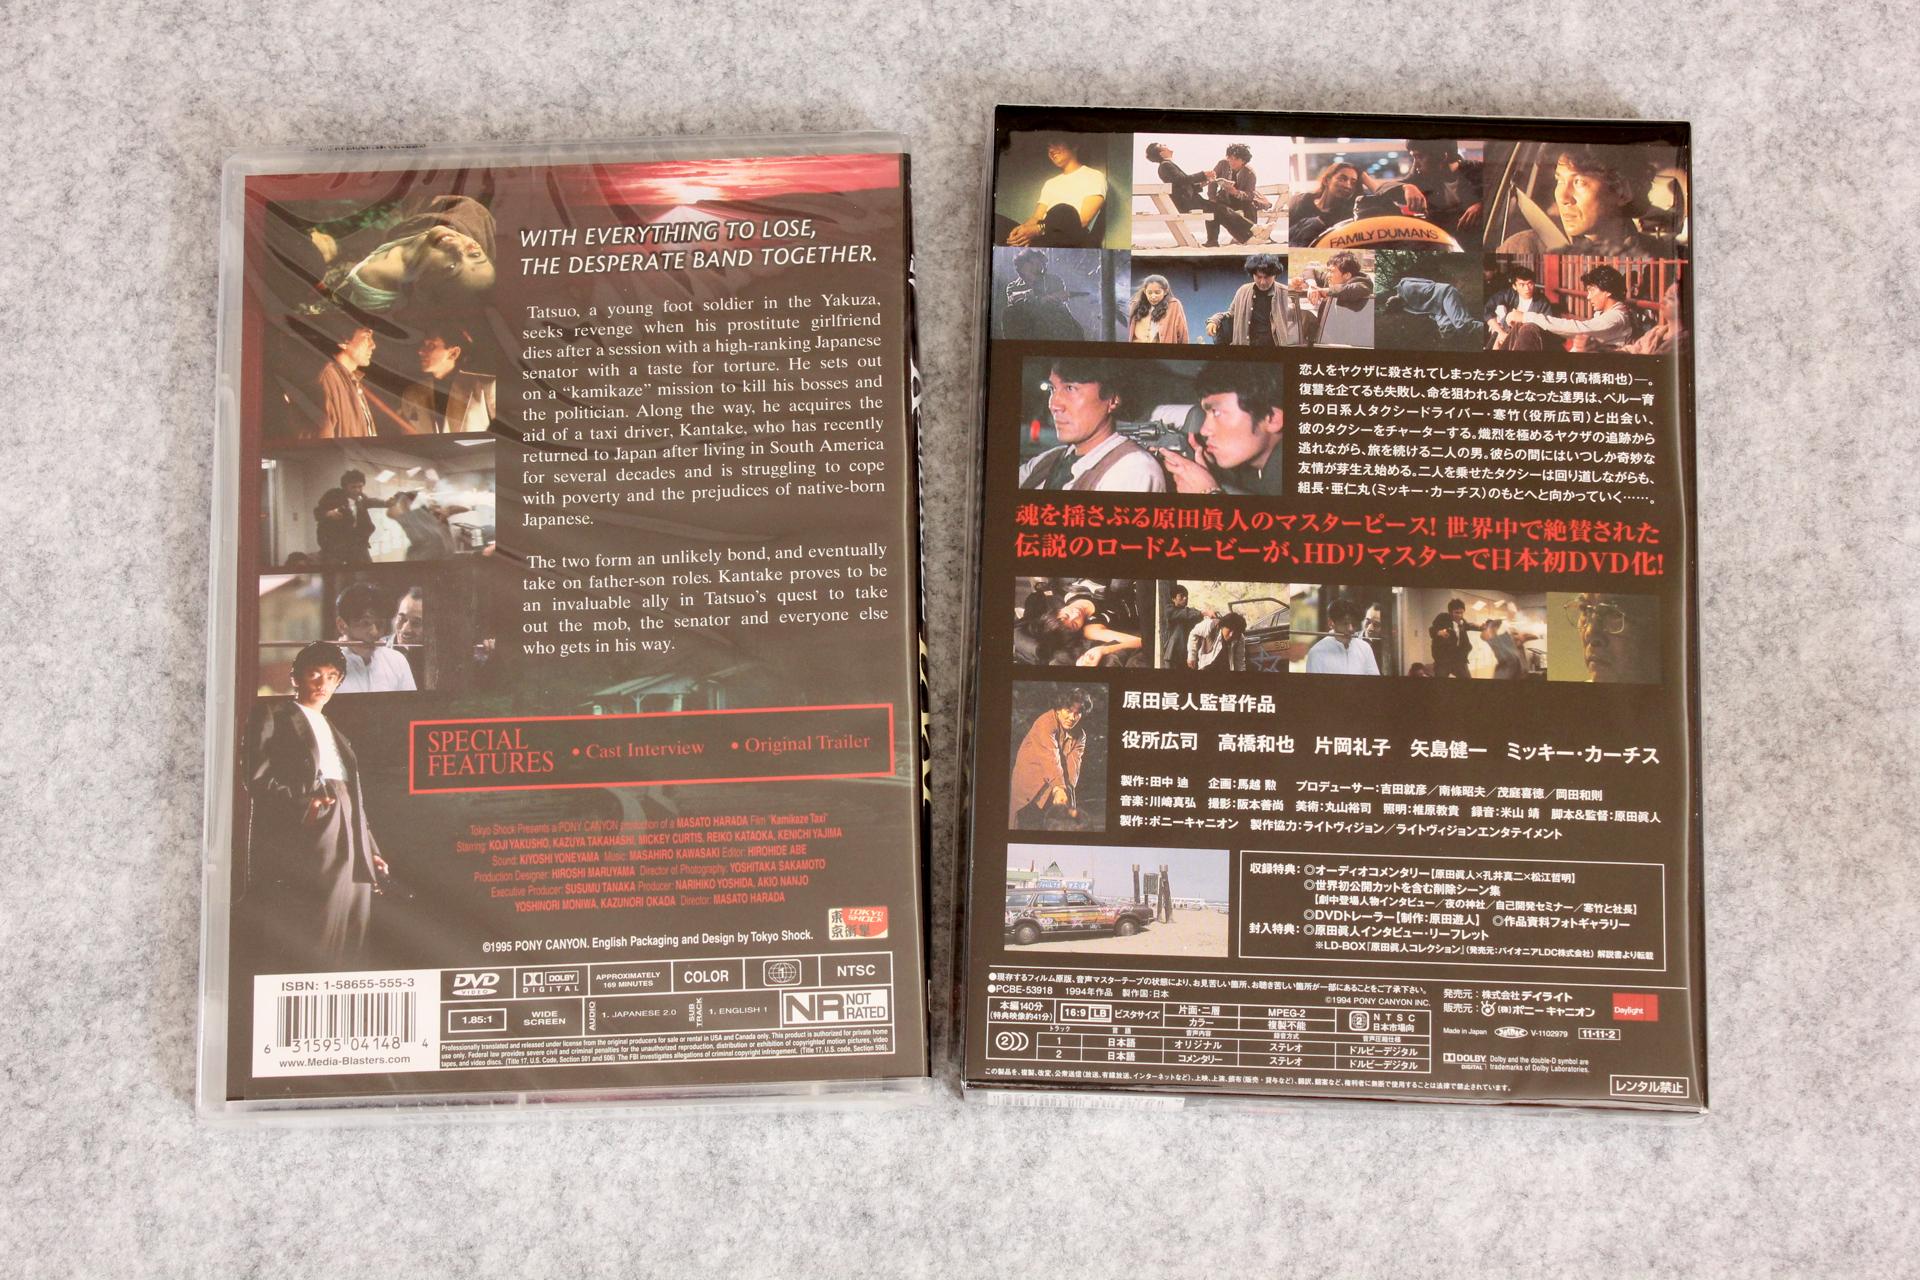 2019-05-25-KAMIKAZE_TAXI-DVD-2.jpg